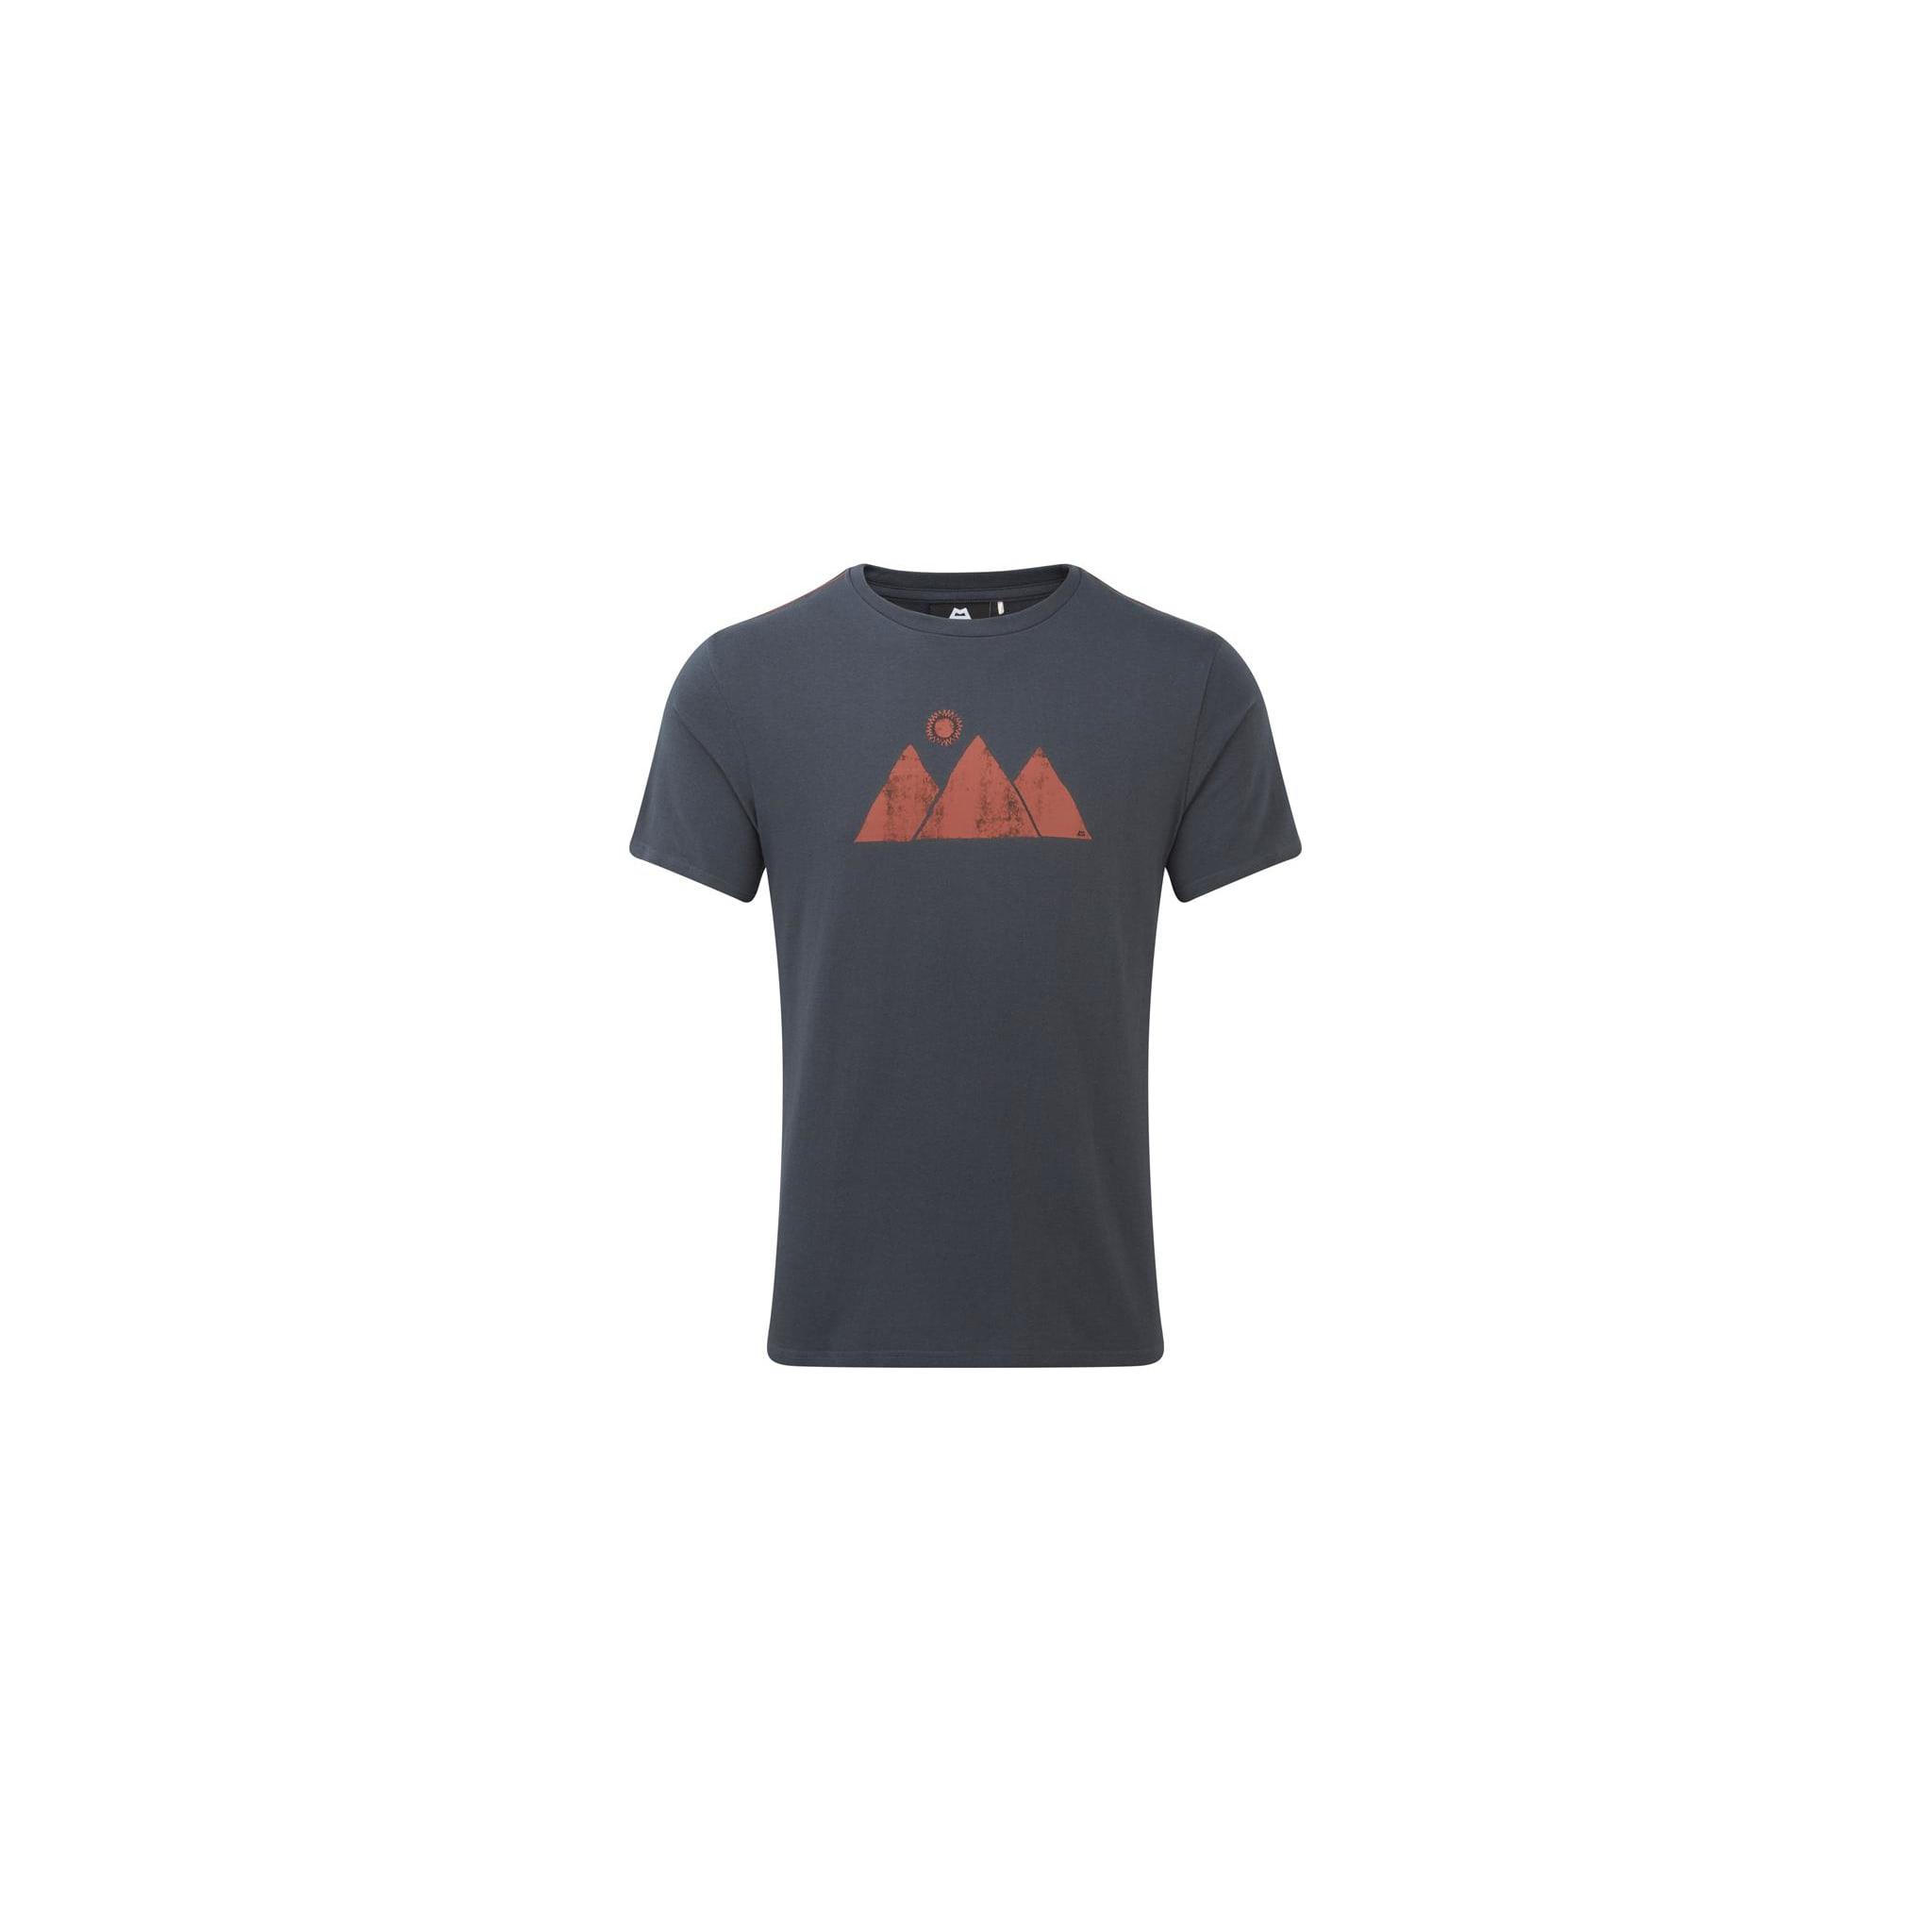 Komfortabel t-skjorte i 100% økologisk bomull